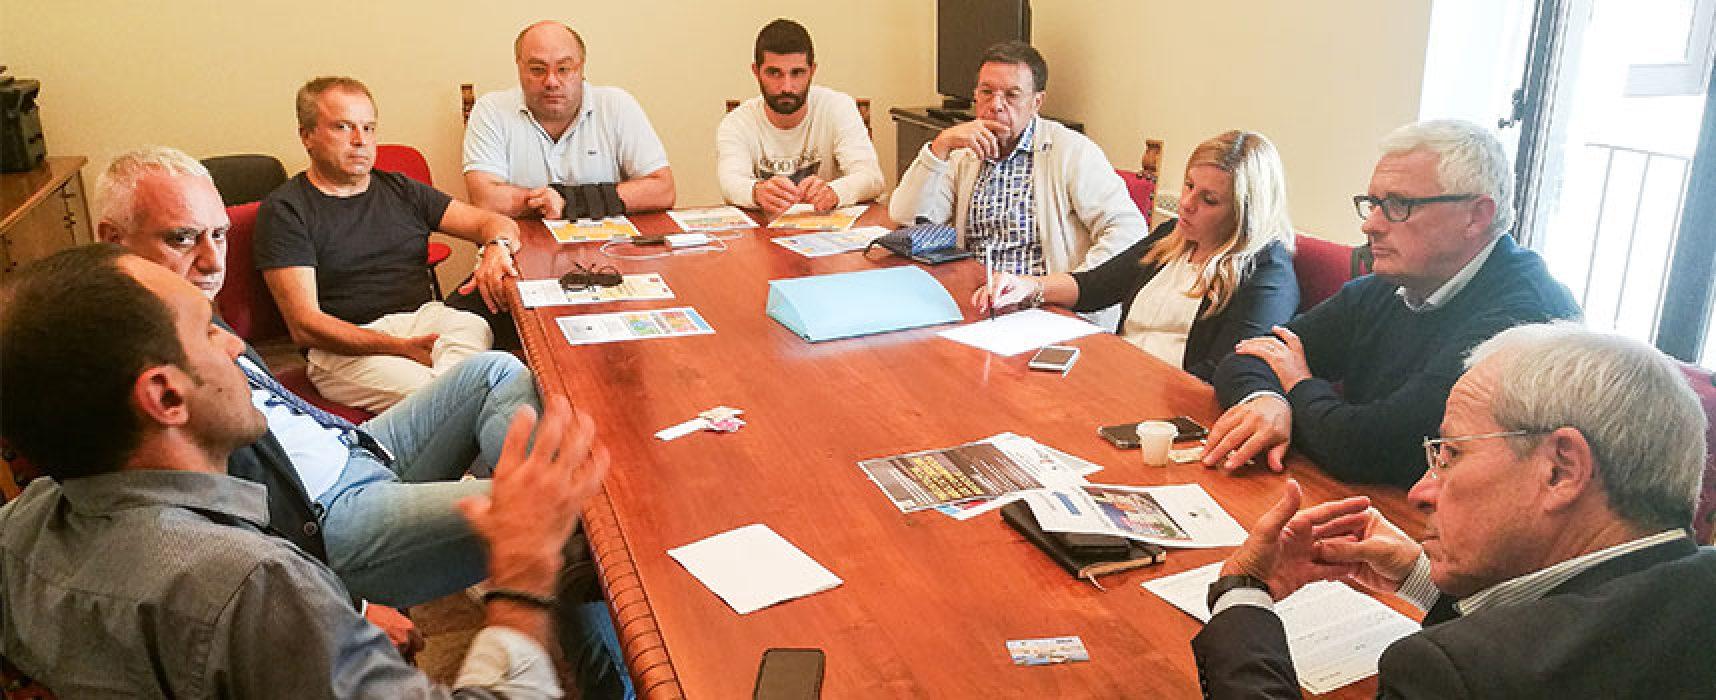 Incontro Amministrazione-commercianti, in cantiere nuove iniziative